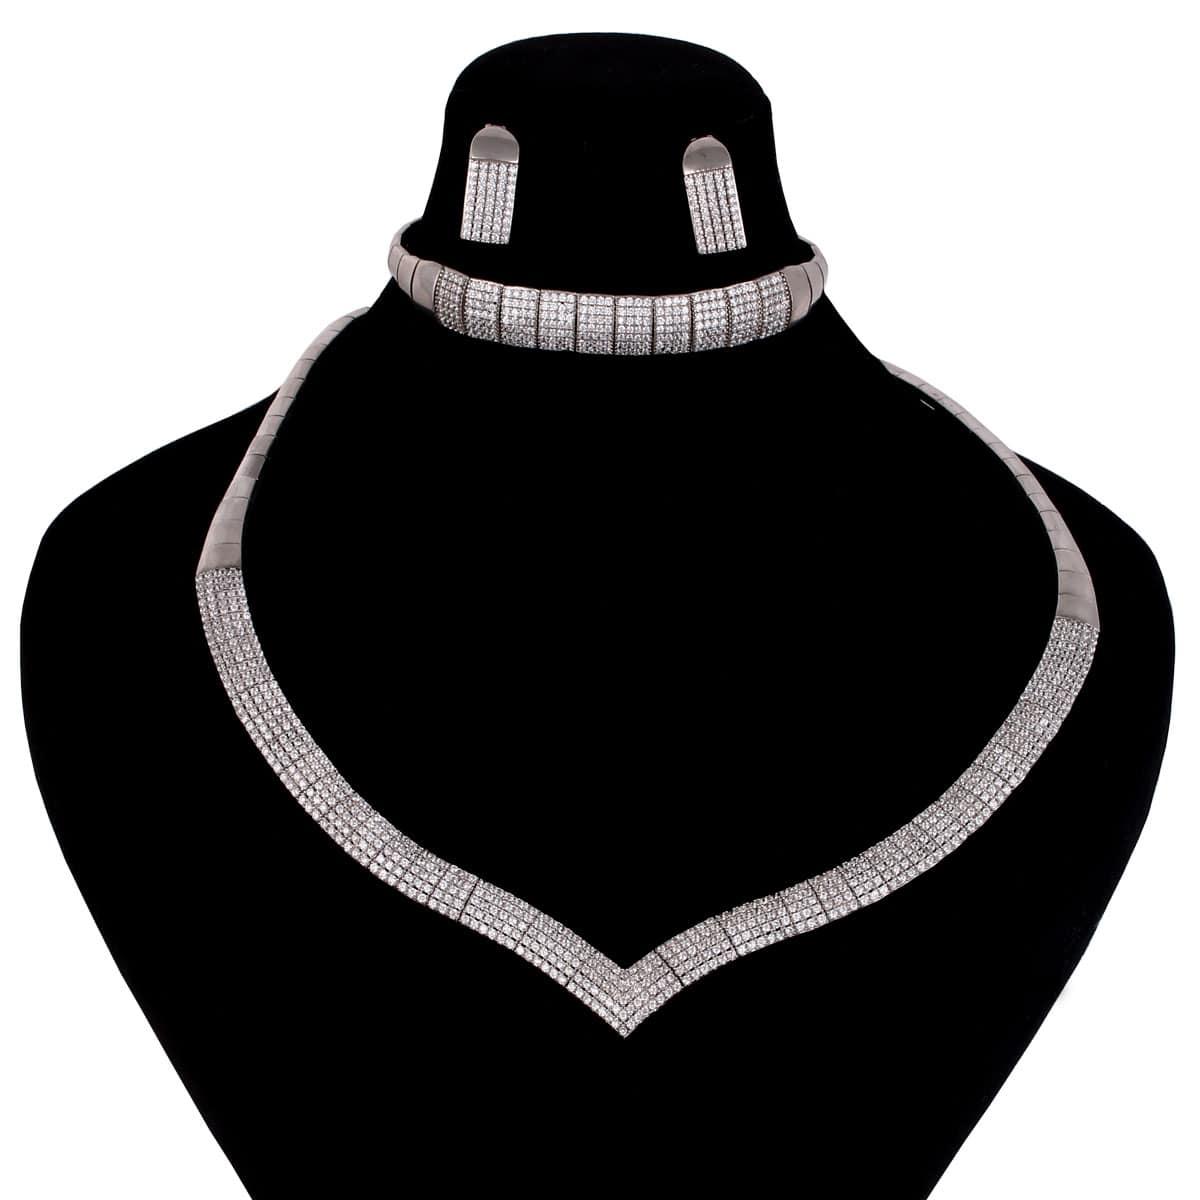 خرید سرویس نقره زنانه مدل نارمیلا